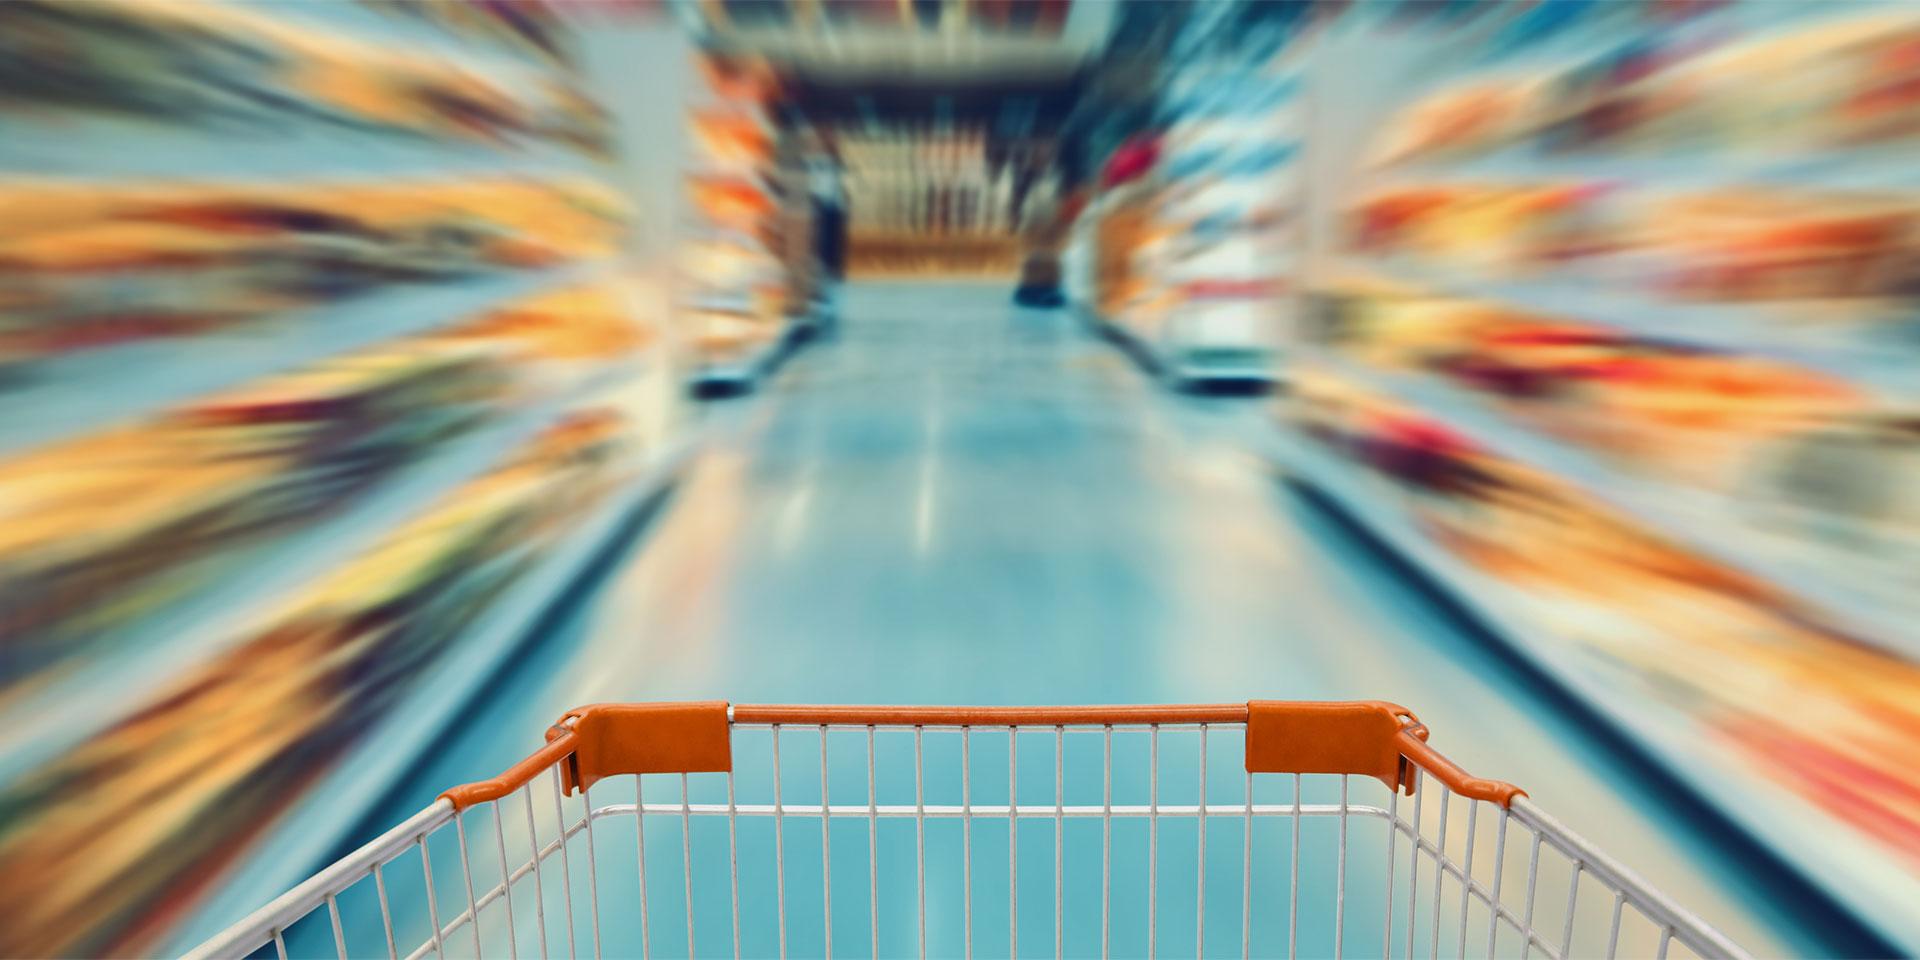 supermarket covid-19